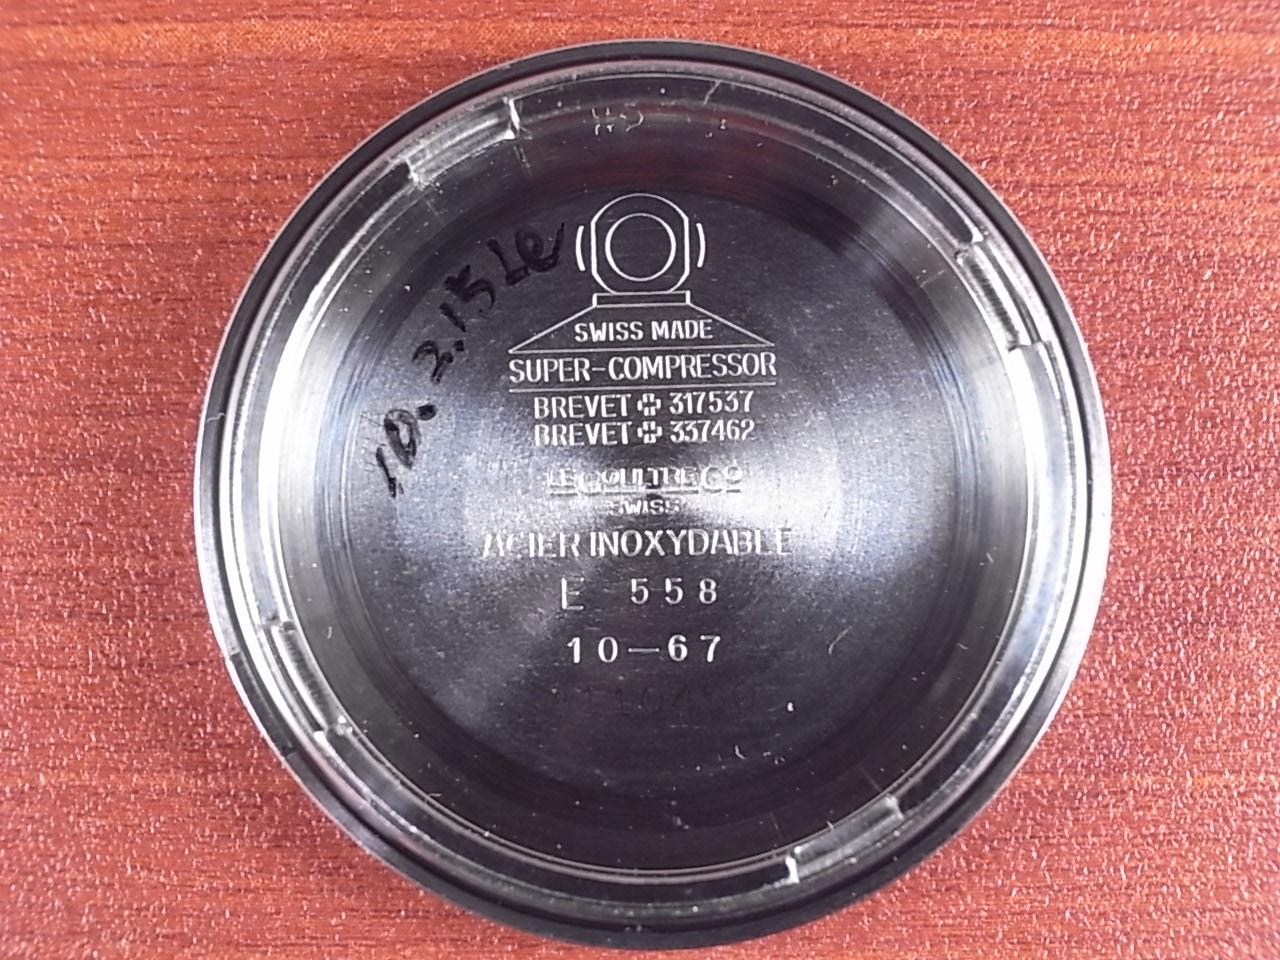 ルクルト ディープシー マスターマリーナ スーパーコンプレッサー 1960年代の写真6枚目